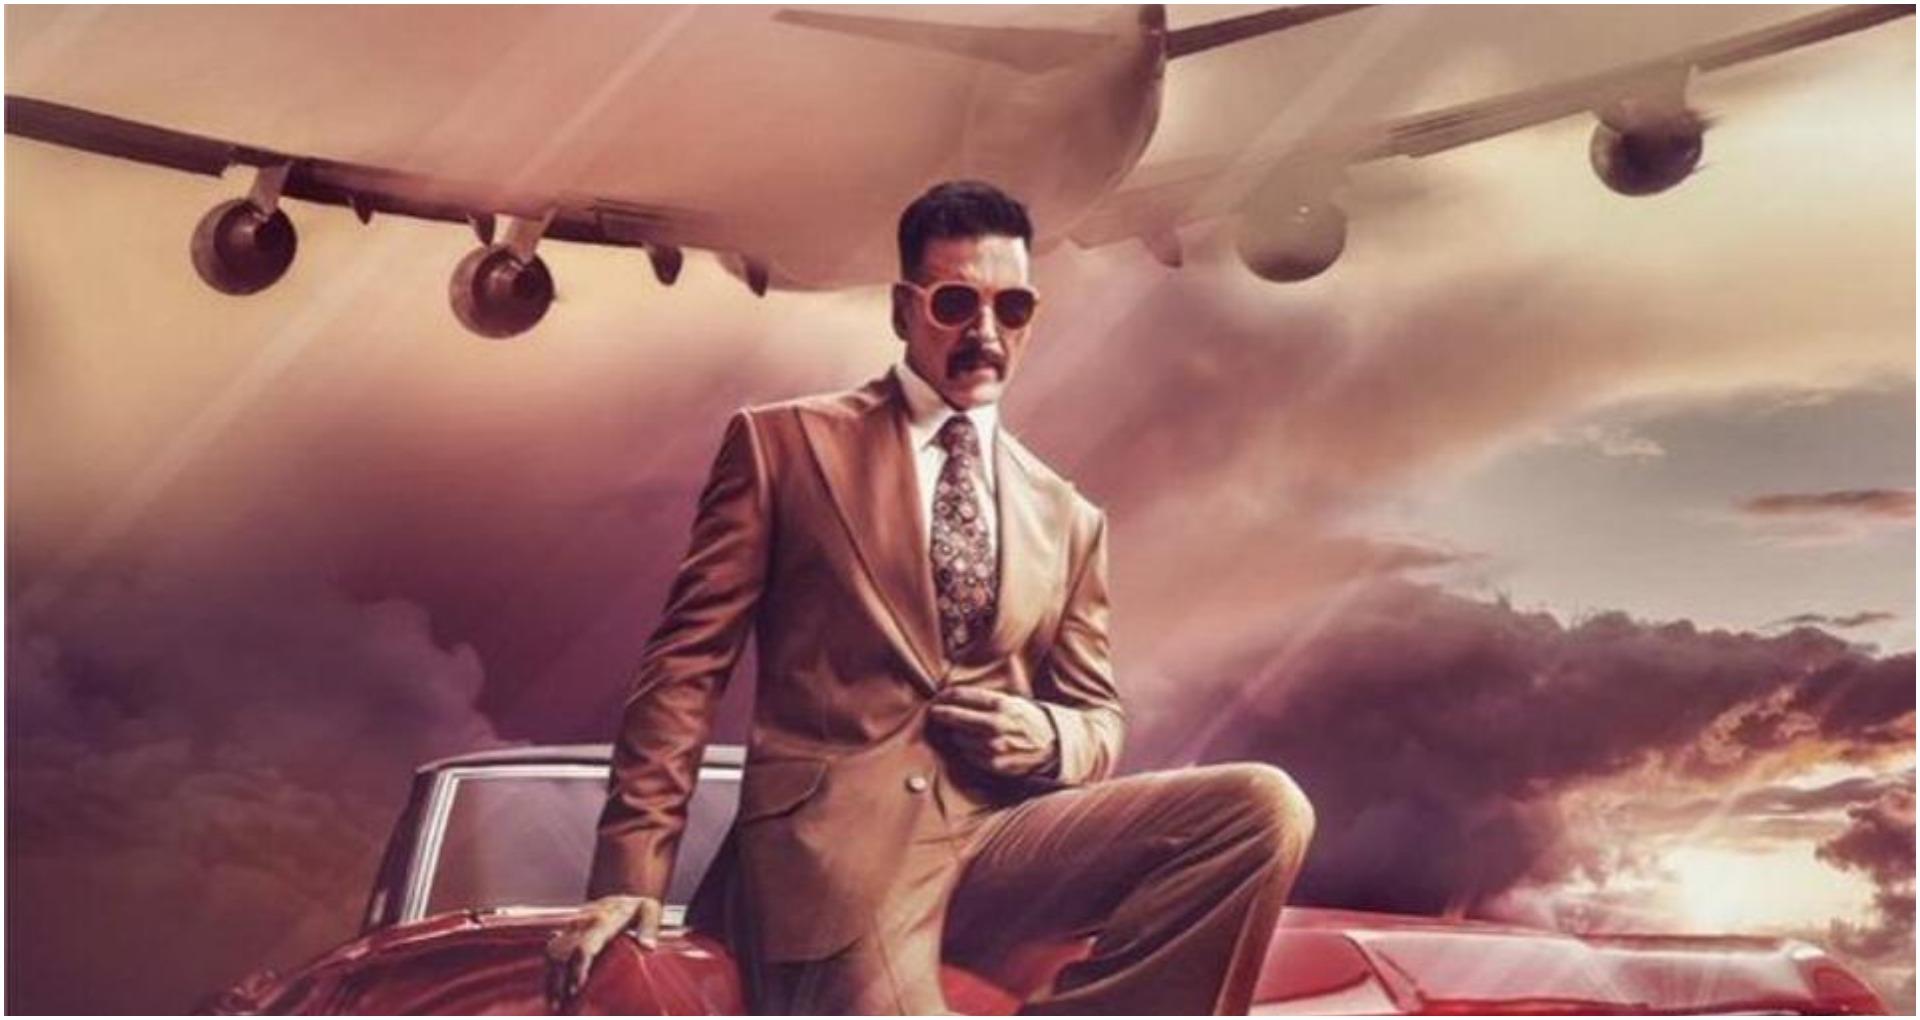 2019 अक्षय कुमार (Akshay Kumar) के लिए बहुत ही अच्छा रहा। इस साल में अक्षय ने मिशन मंगल (Mission Mangal), हाउसफुल 4 (Housefull 4), गुड न्यूज़ (Good Newwz) जैसी ब्लॉकबस्टर फिल्में दी हैं। वहीँ उनकी झोली में सूर्यवंशी (Sooryavanshi), लक्मी बॉम्ब (Laxmmi Bomb) और बच्चन पांडे (Bachchan Pandey) है। कुछ दिन पहले, अक्षय कुमार ने अपने सोशल मीडिया पर 'बेल बॉटम' (Bell Bottom) फिल्म की अनाउंसमेंट की थी, यह 80s दशक, एक इंडियन स्पाई पर बन रहीं सच्ची आधारित फिल्म है। रिपोर्ट के मुताबिक, बेल बॉटम में अक्षय कुमार (Akshay Kumar) के साथ वाणी कपूर लीड रोल में नजर आयेंगी। पहले भी मृणाल ठाकुर और कृति सनोन (Kriti Sanon) की बहन नूपुर सनोन (Nupur Sanon) का नाम सामने आ चूका है। इस फिल्म के लिए मेकर को नए जोड़ी की तलाश है इसलिए कई अभिनेत्रियों के नाम सामने आये थे। मिली रिपोर्ट के मुताबिक, वाणी कपूर अक्षय कुमार की पत्नी का किरदार निभायेंगी। अक्षय कुमार सीक्रेट एजेंट का किरदार निभा रहे ऐन इसलिए इस फिल्म की शूटिंग अलग अलग देशों में होने की संभावना है। इस फिल्म की शूटिंग सितम्बर से शुरू होगी।